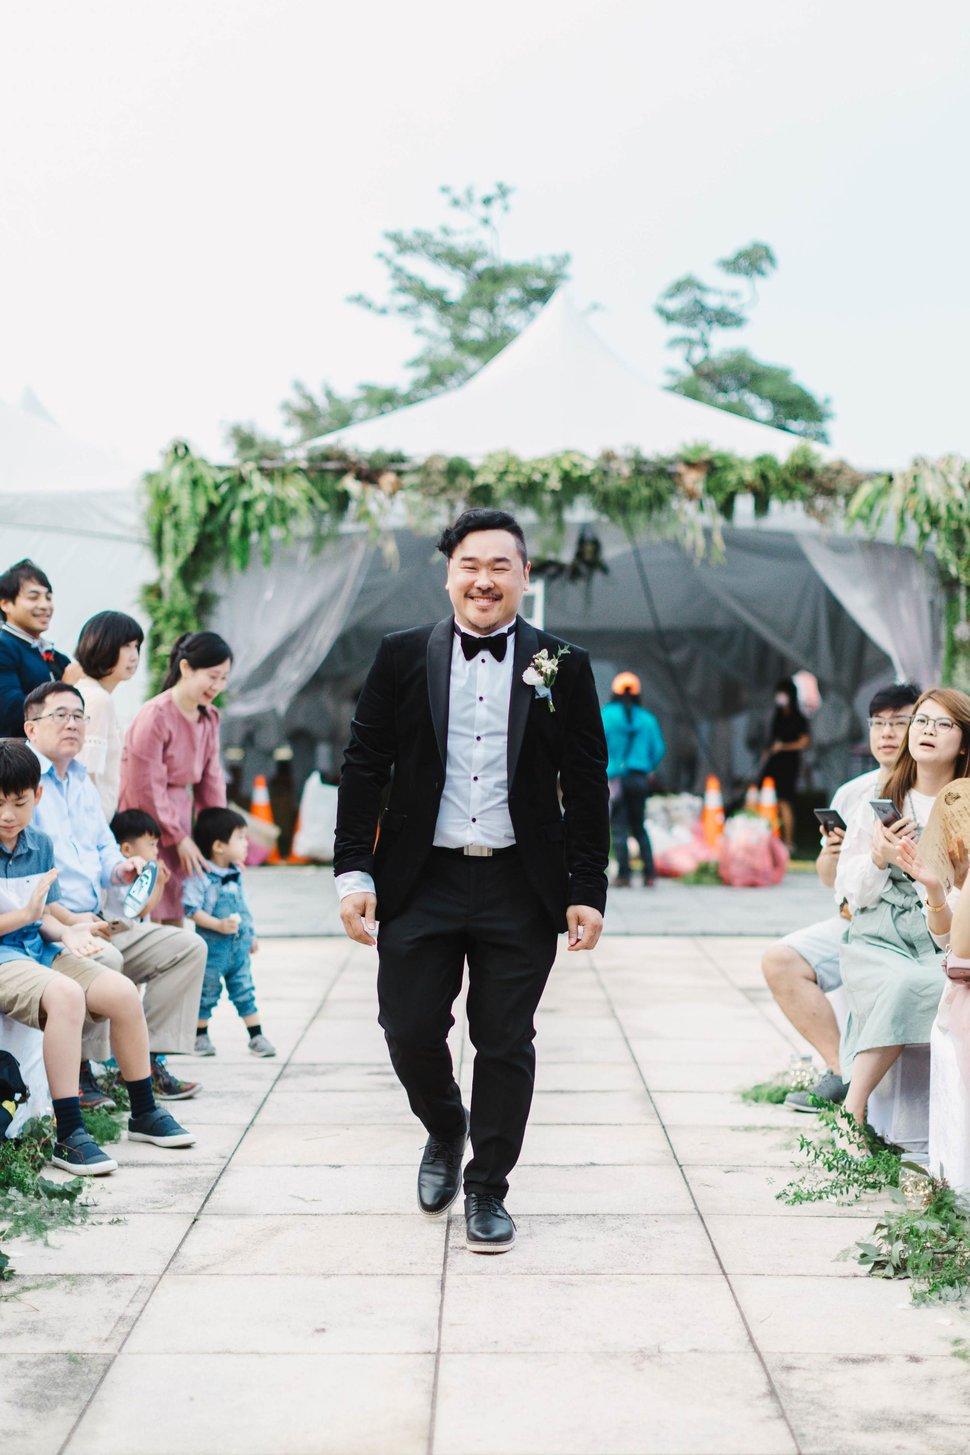 集食行樂婚禮-美式婚禮-美式婚禮紀錄-戶外證婚-美式婚紗-AG 婚攝Adam Chen- Amazing Grace 攝影美學 -台北婚禮紀錄 - Amazing Grace Studio58 - Amazing Grace Studio《結婚吧》